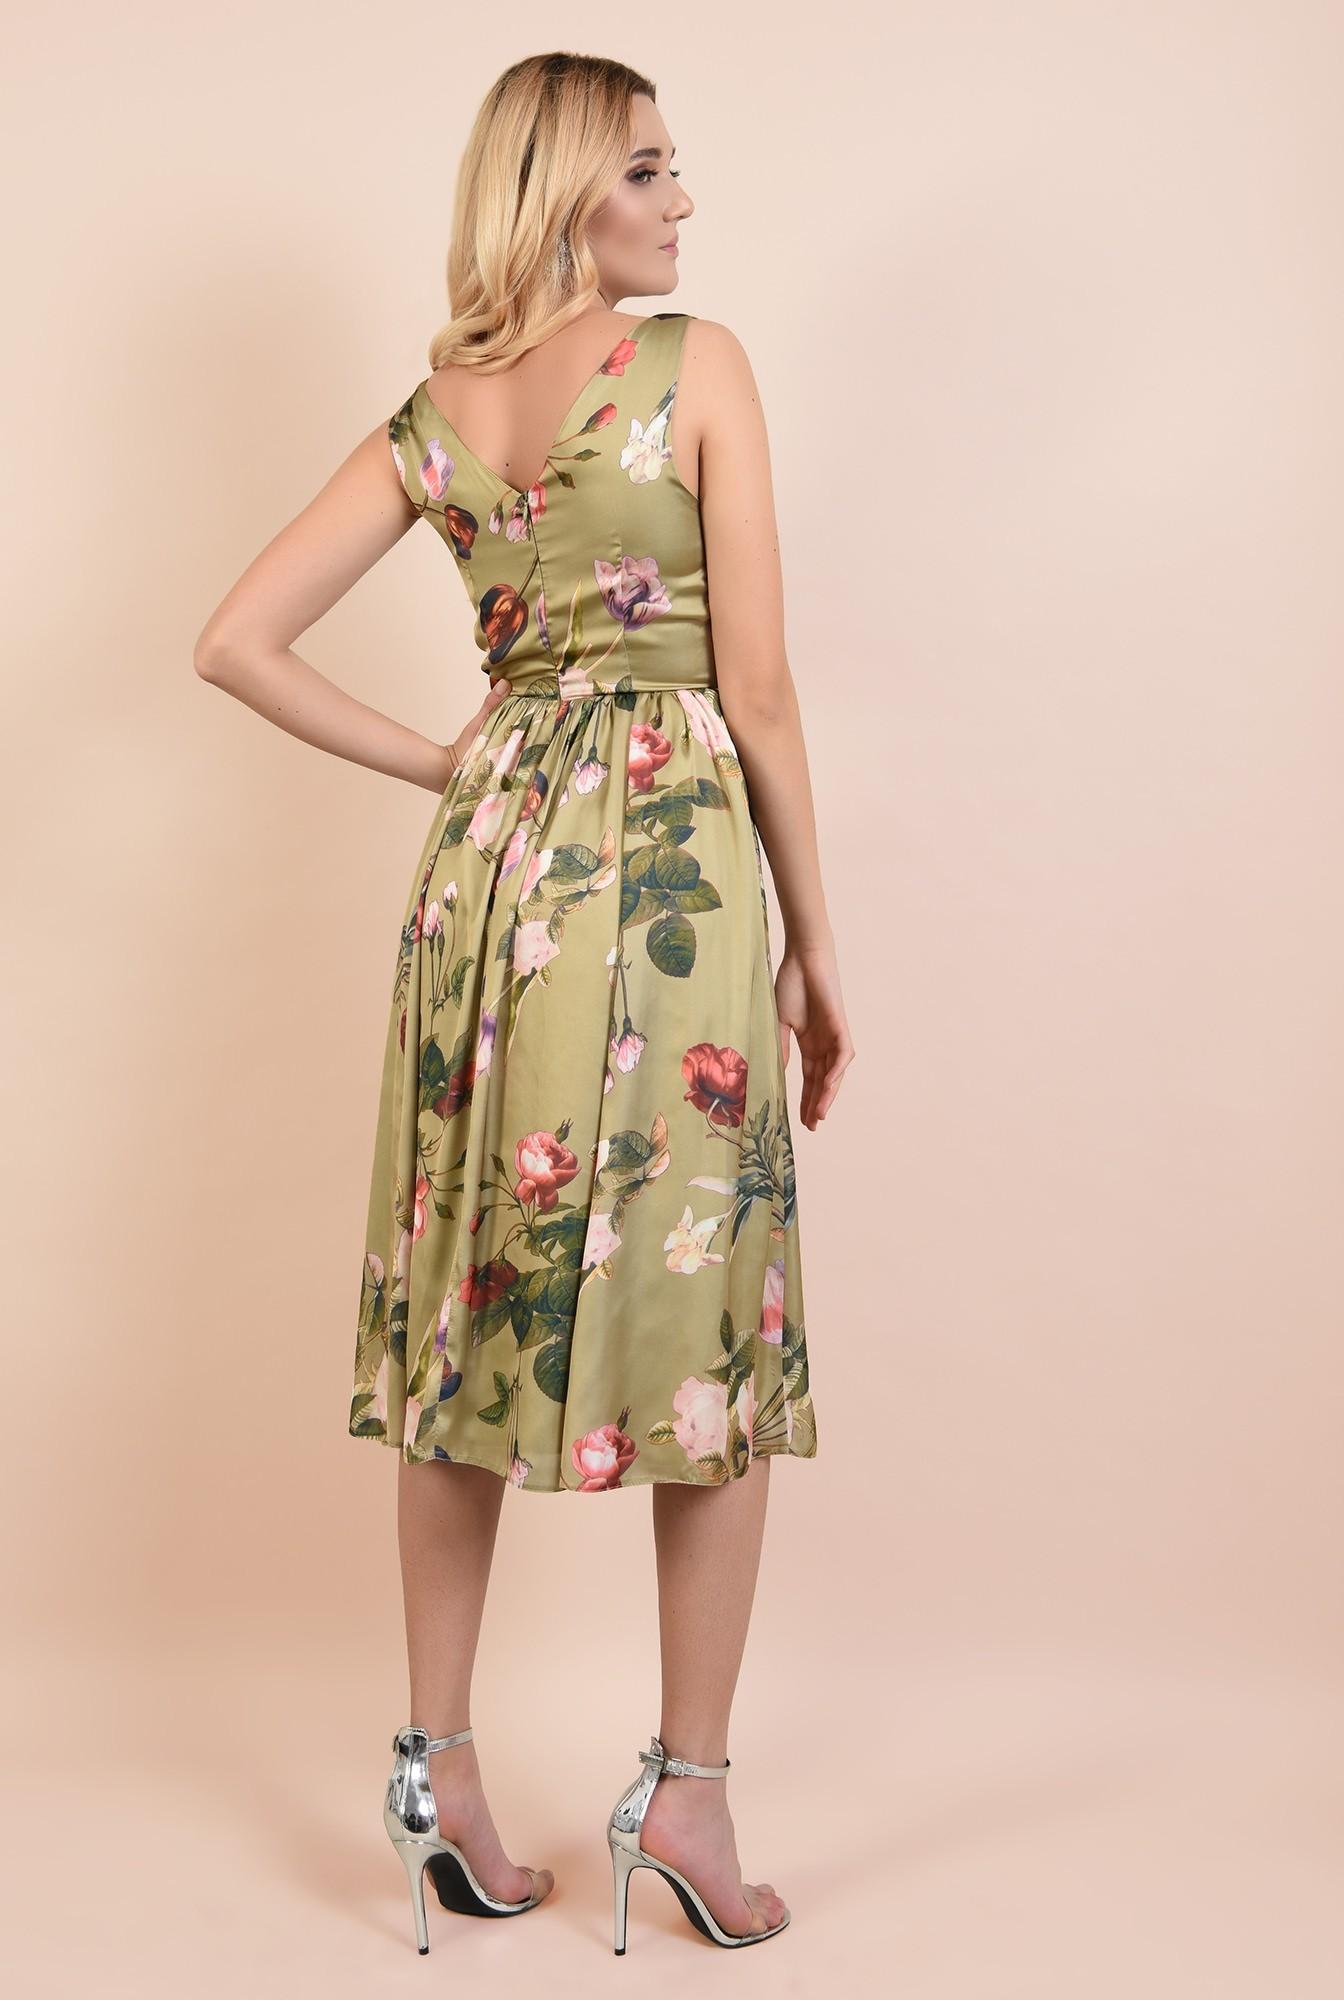 1 - 360 - rochie eleganta, midi, cu imprimeu floral, anchior fata si spate, Poema